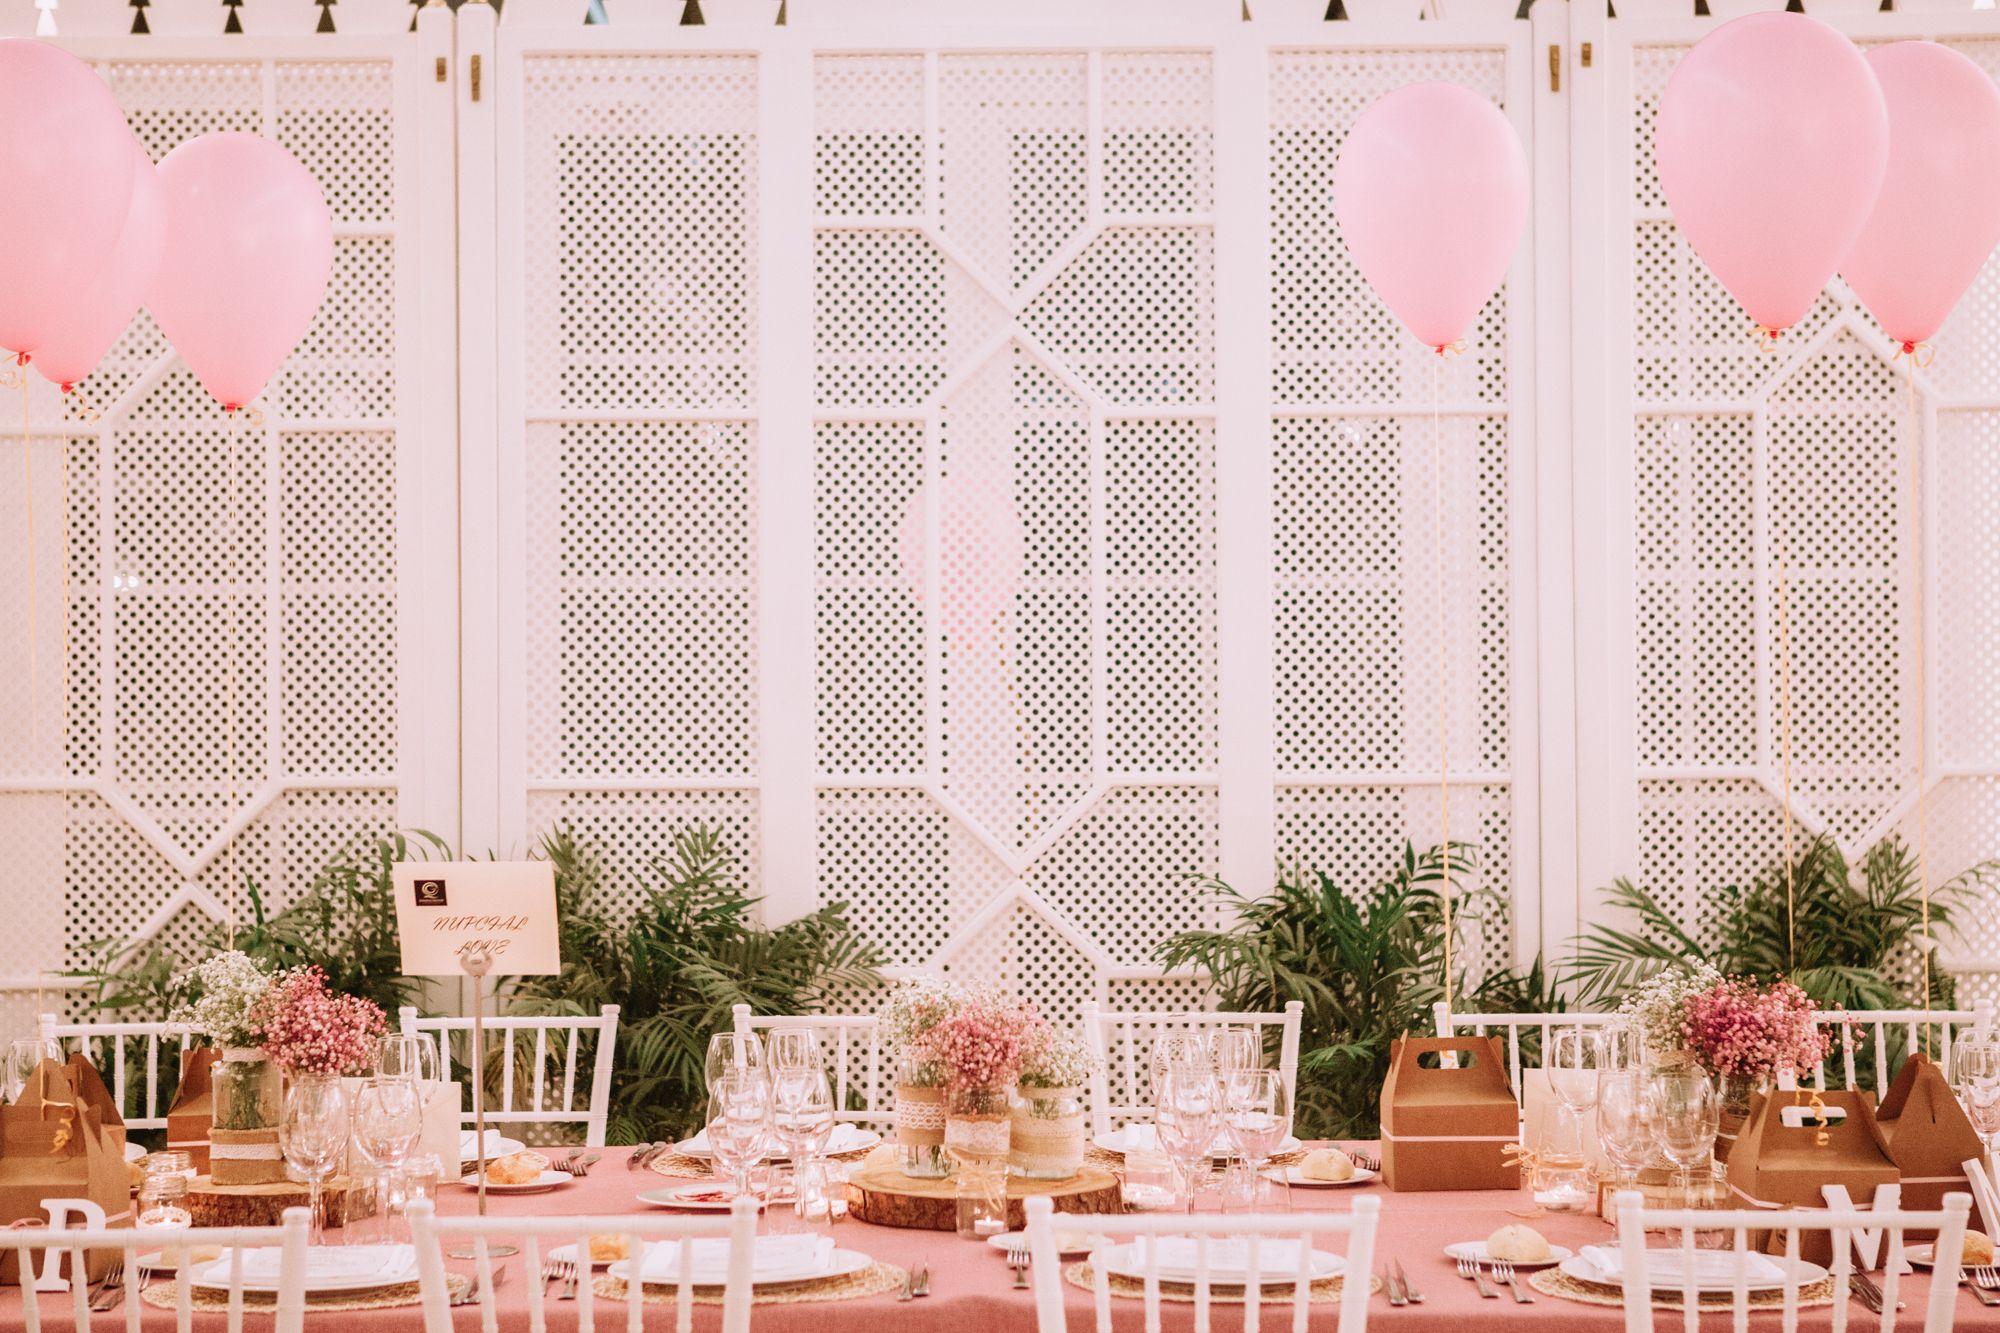 La boda de Amanda y Jorge en Villa Luisa 40